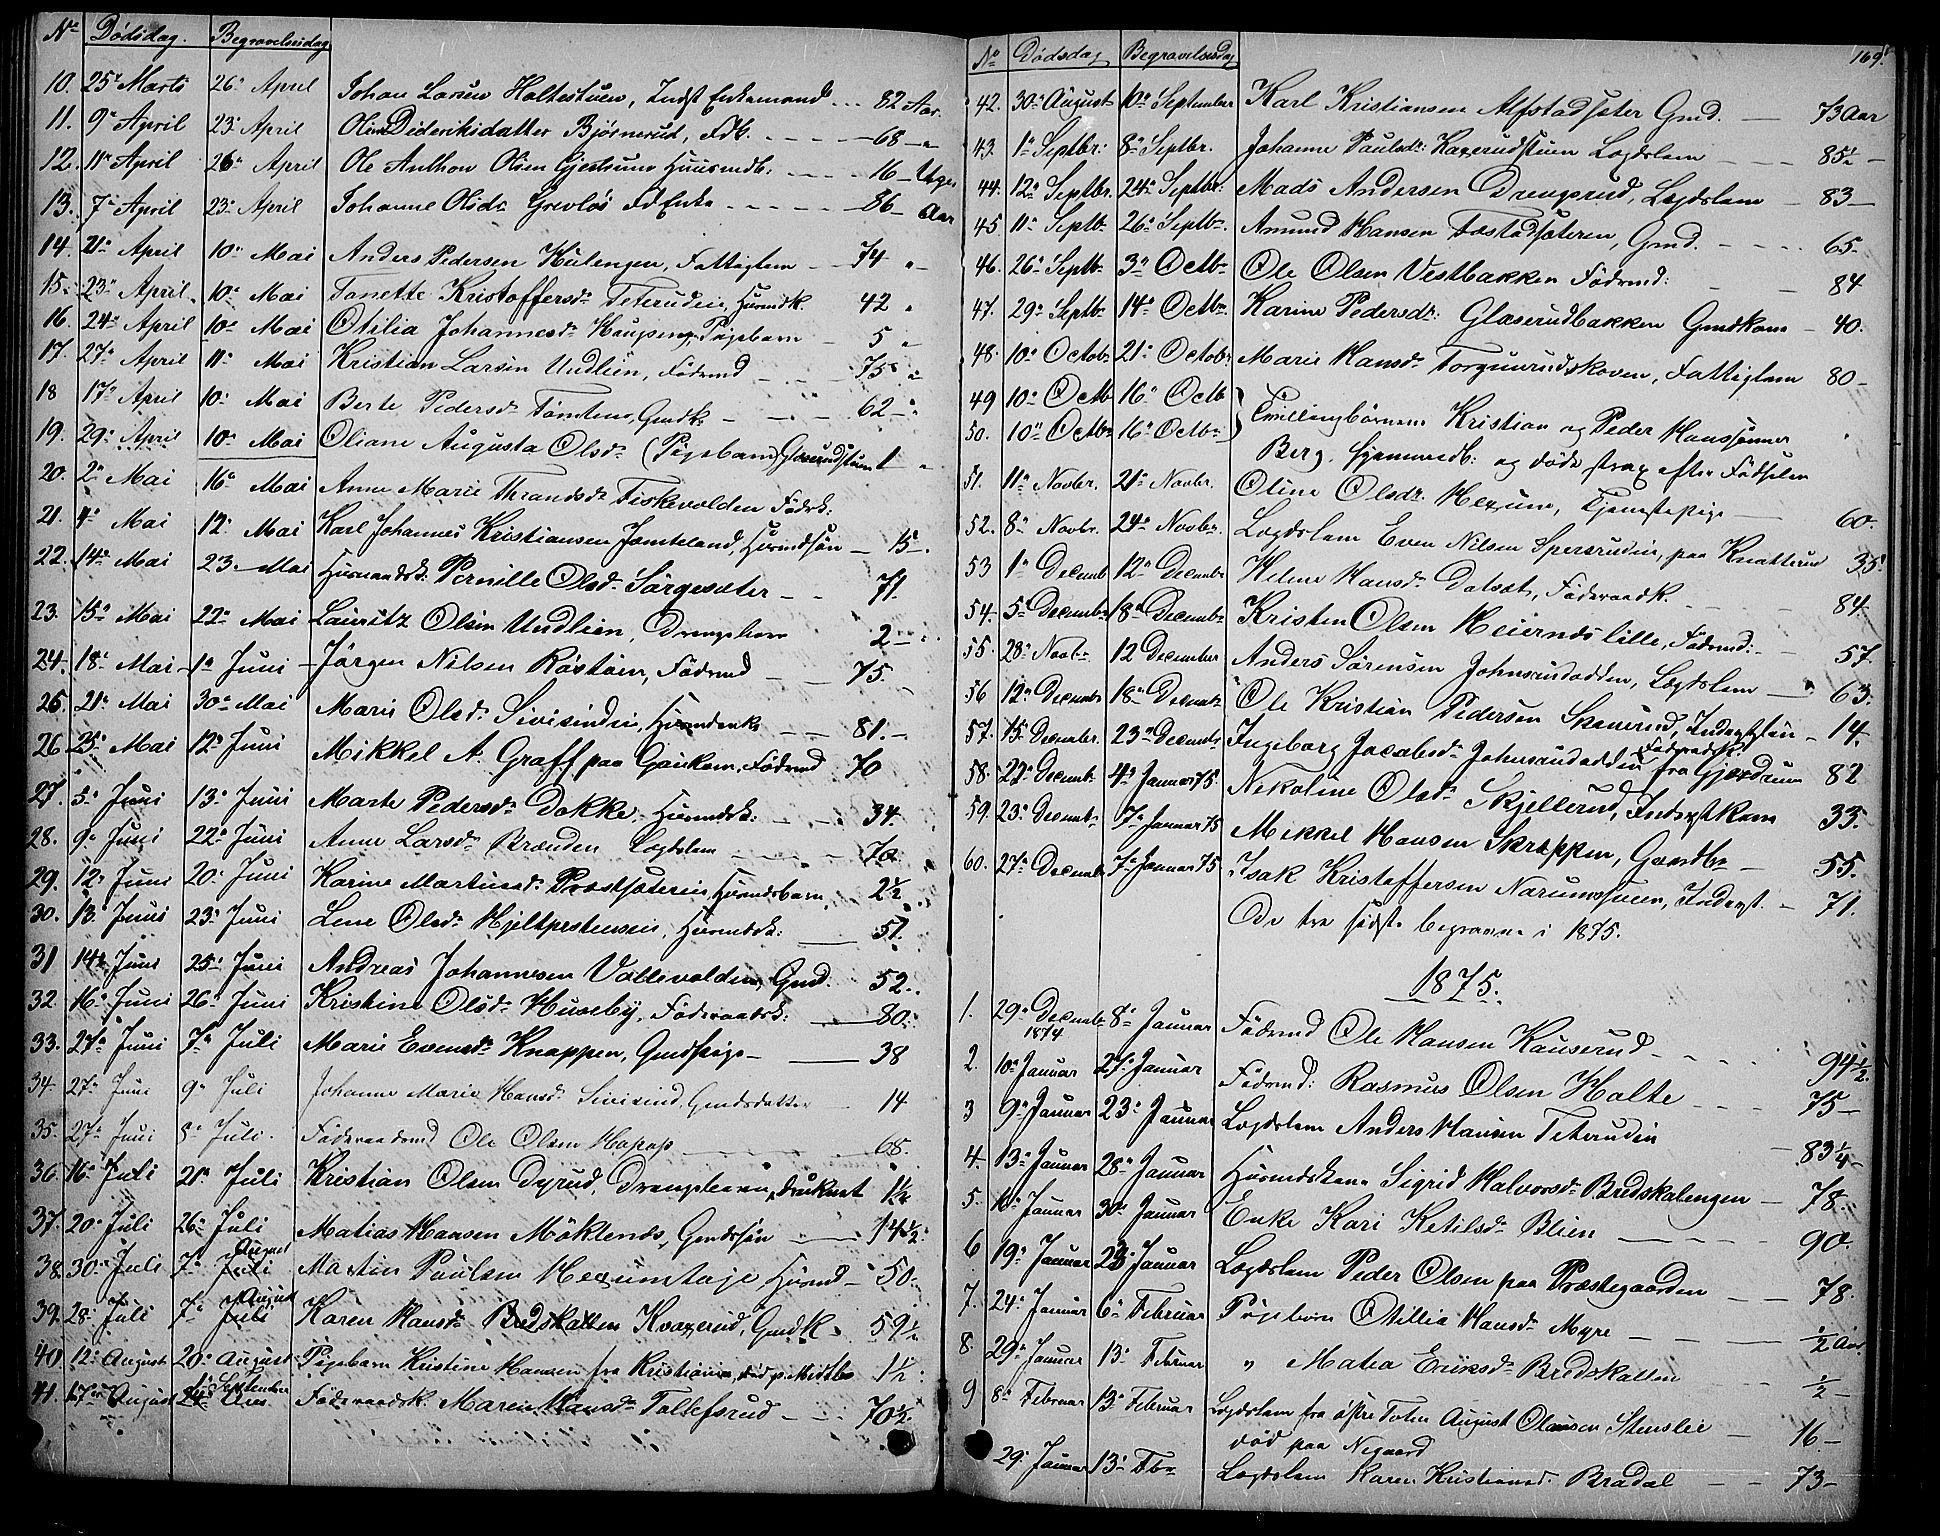 SAH, Vestre Toten prestekontor, Klokkerbok nr. 6, 1870-1887, s. 169